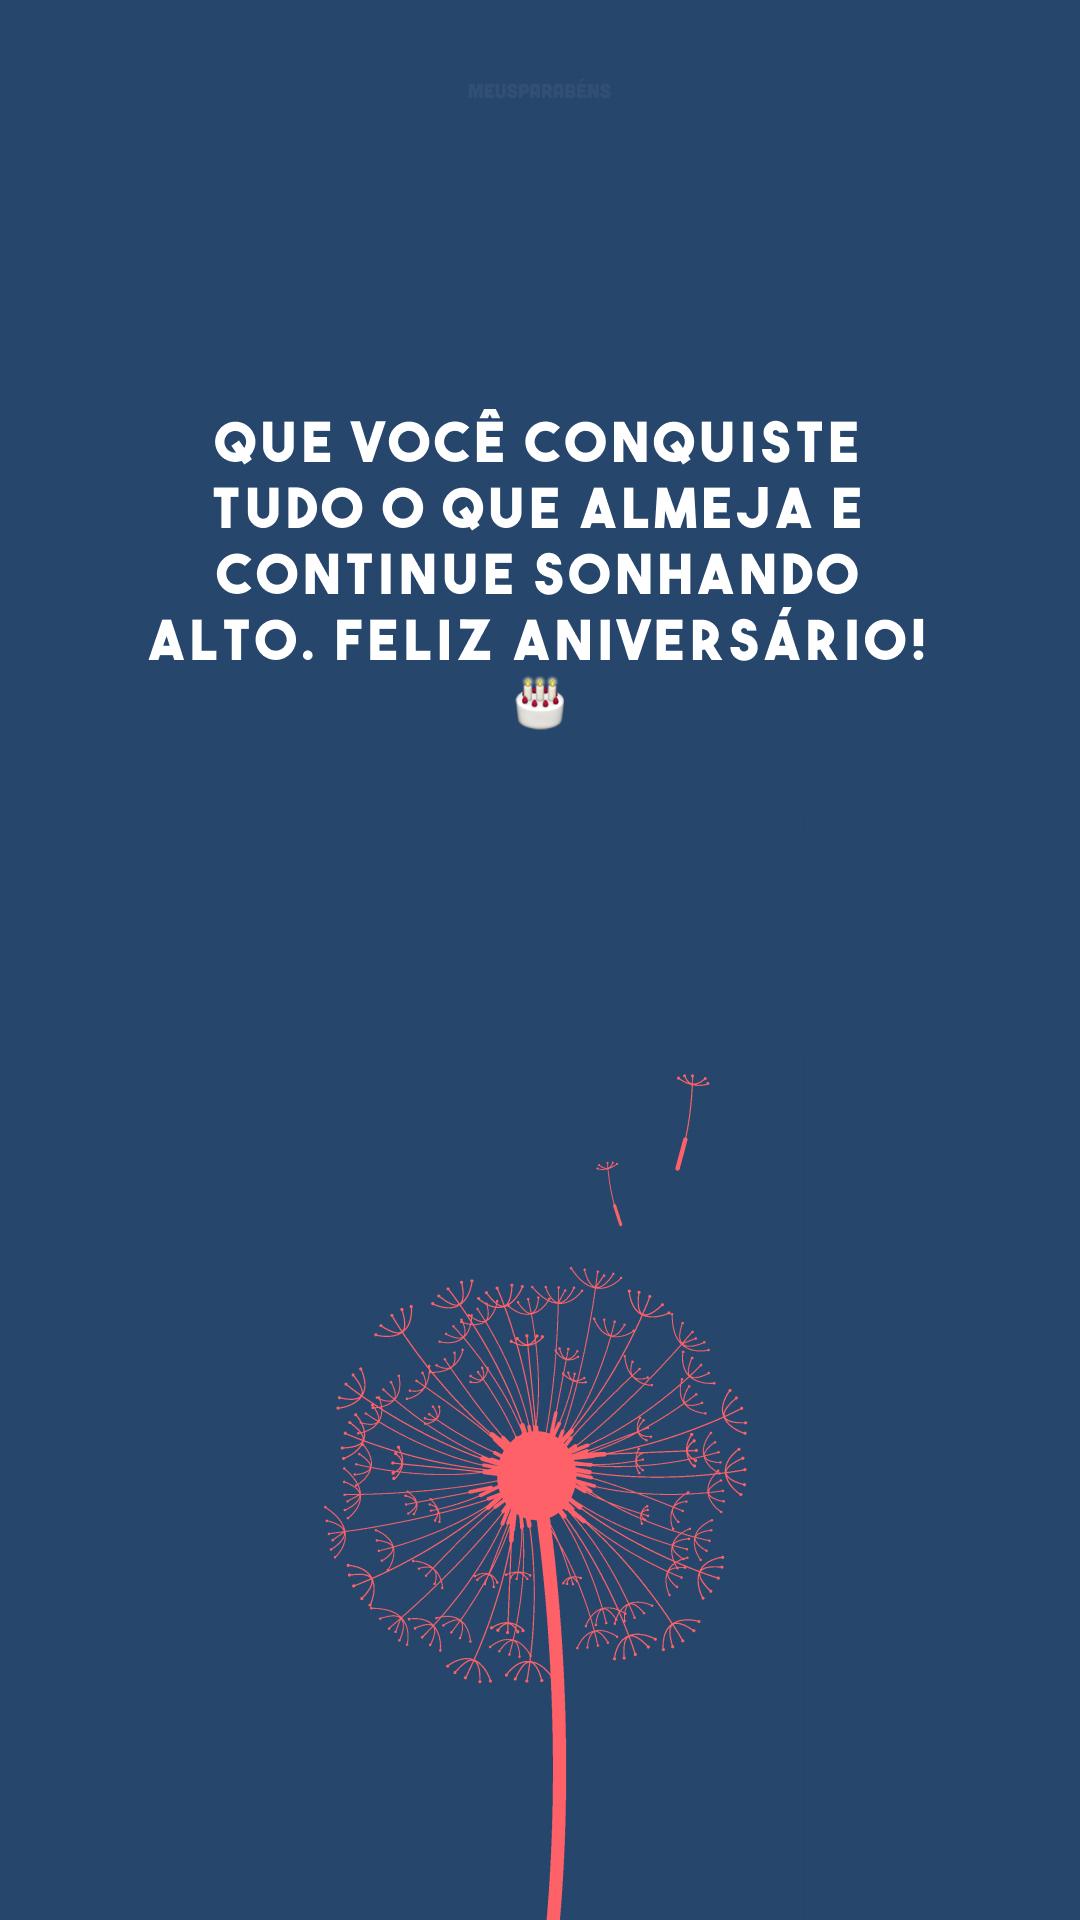 Que você conquiste tudo o que almeja e continue sonhando alto. Feliz aniversário! 🎂